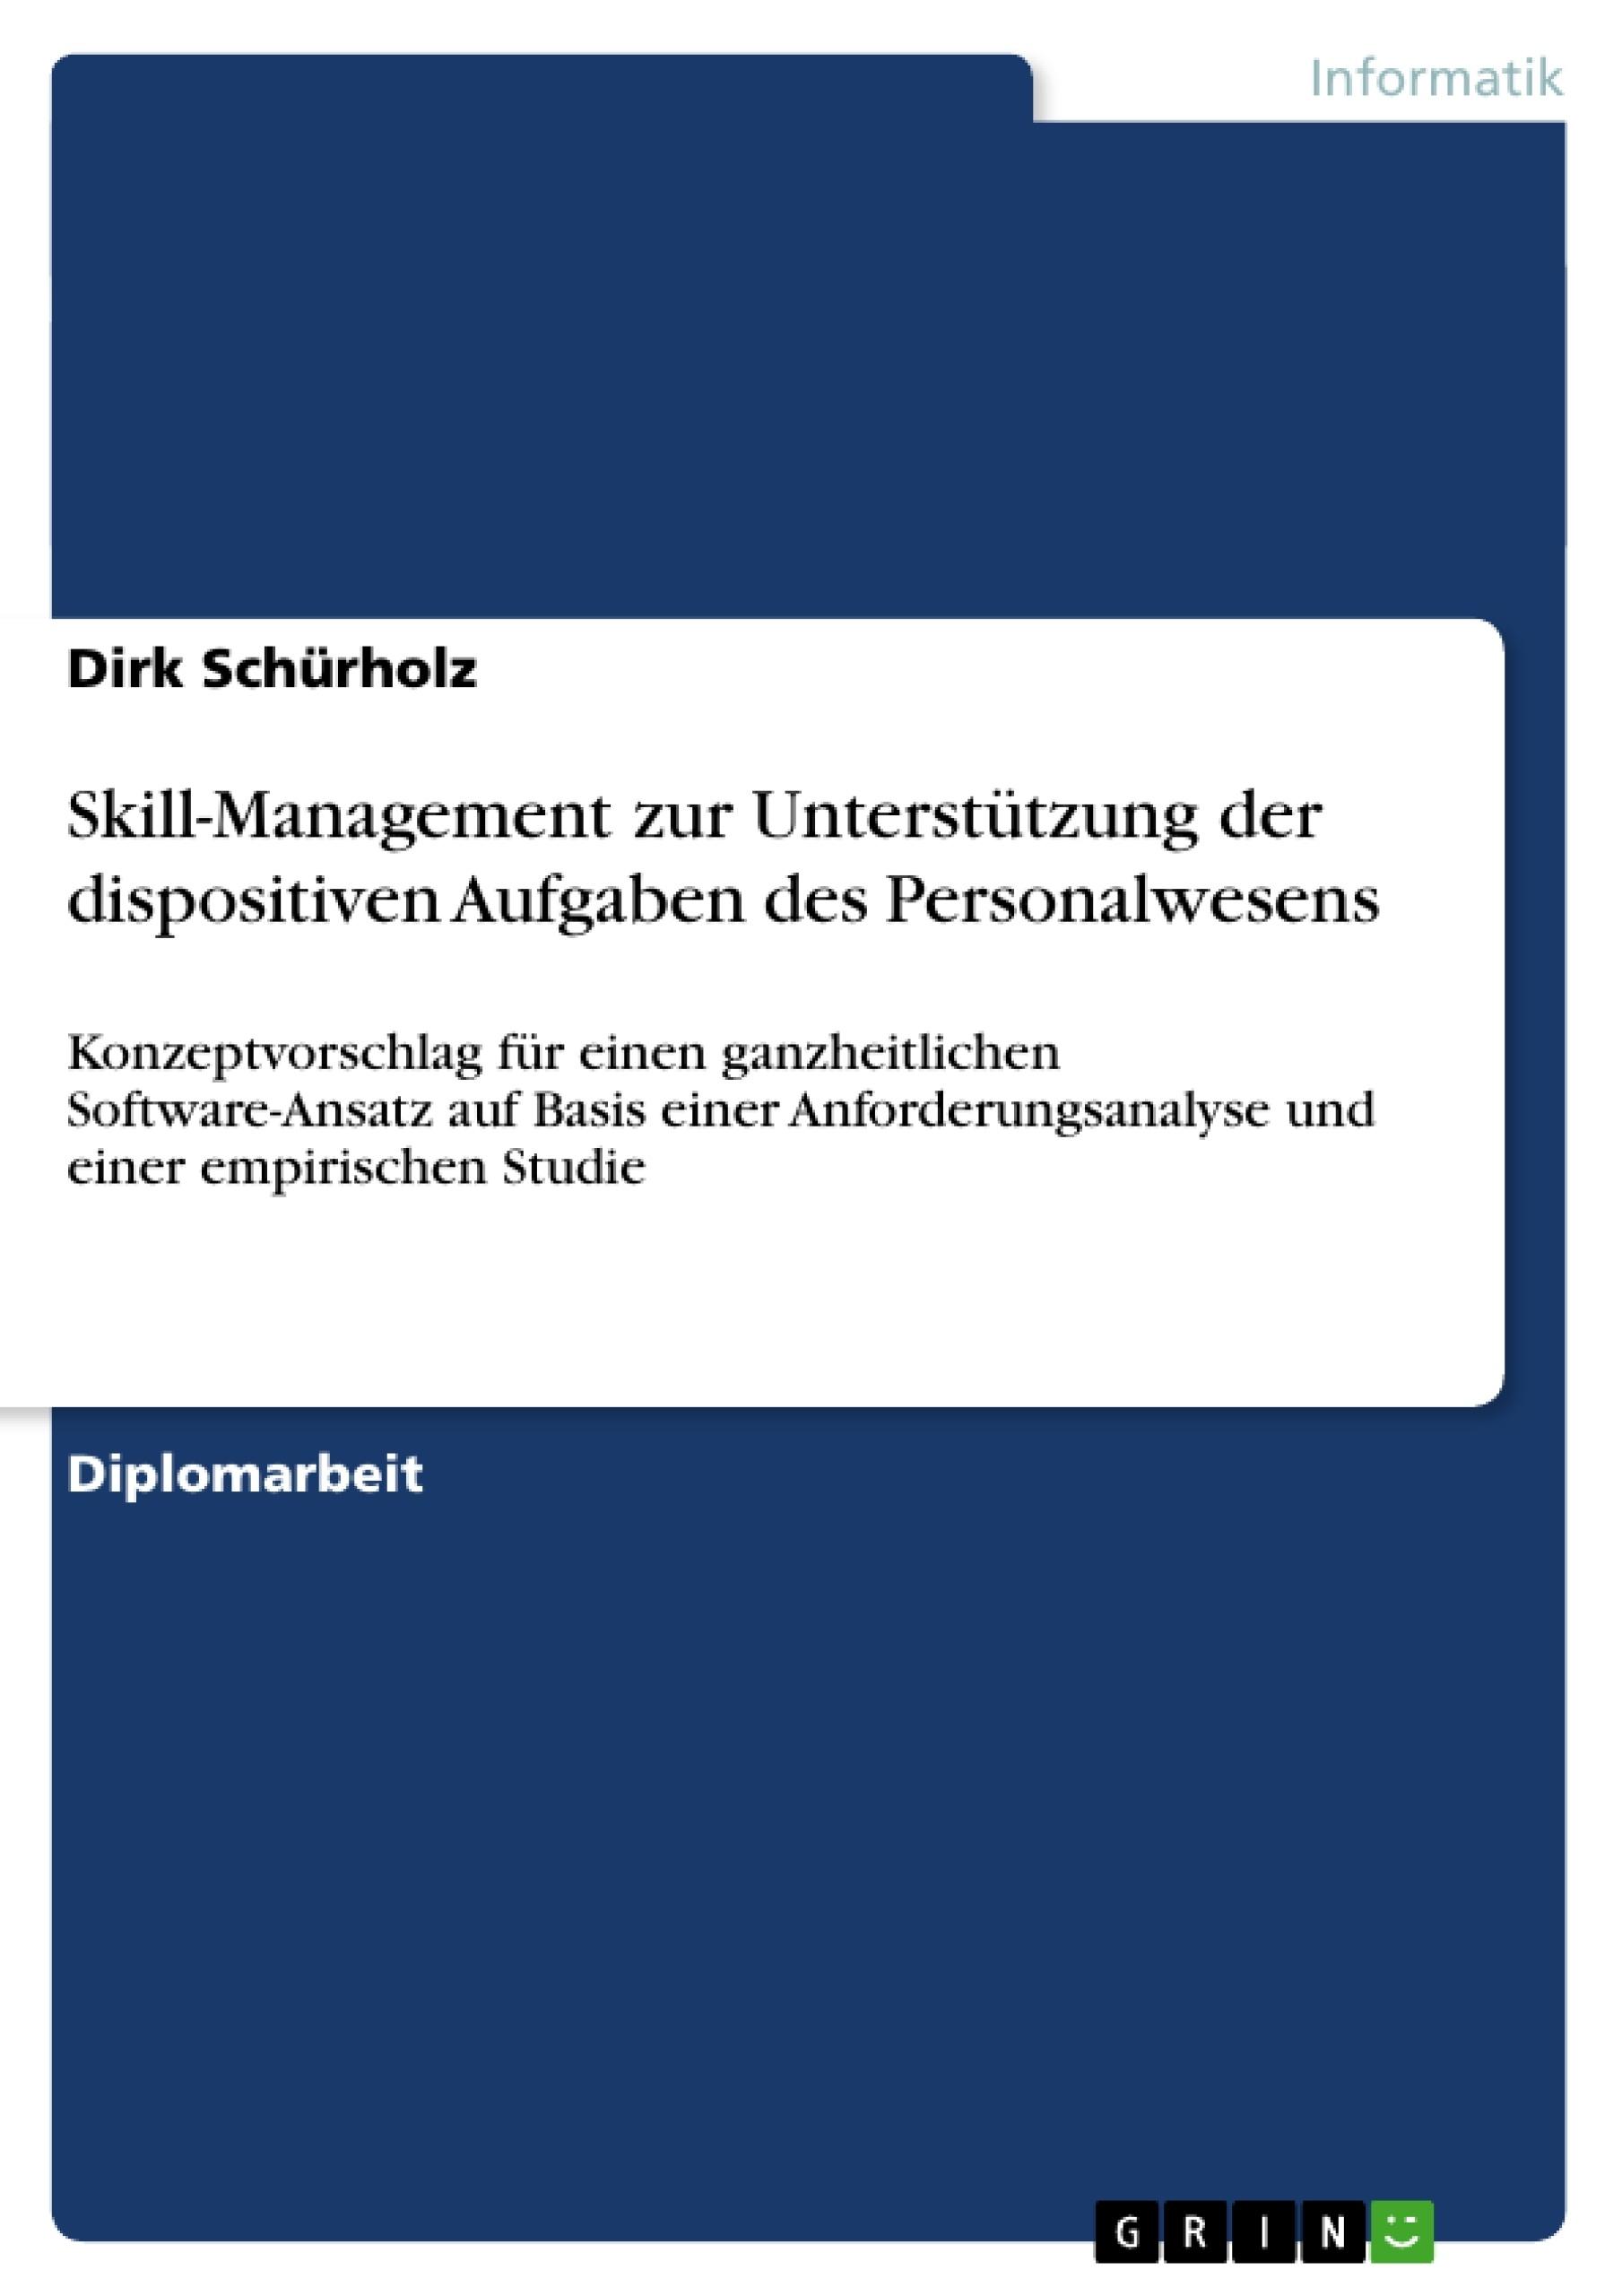 Titel: Skill-Management zur Unterstützung der dispositiven Aufgaben des Personalwesens